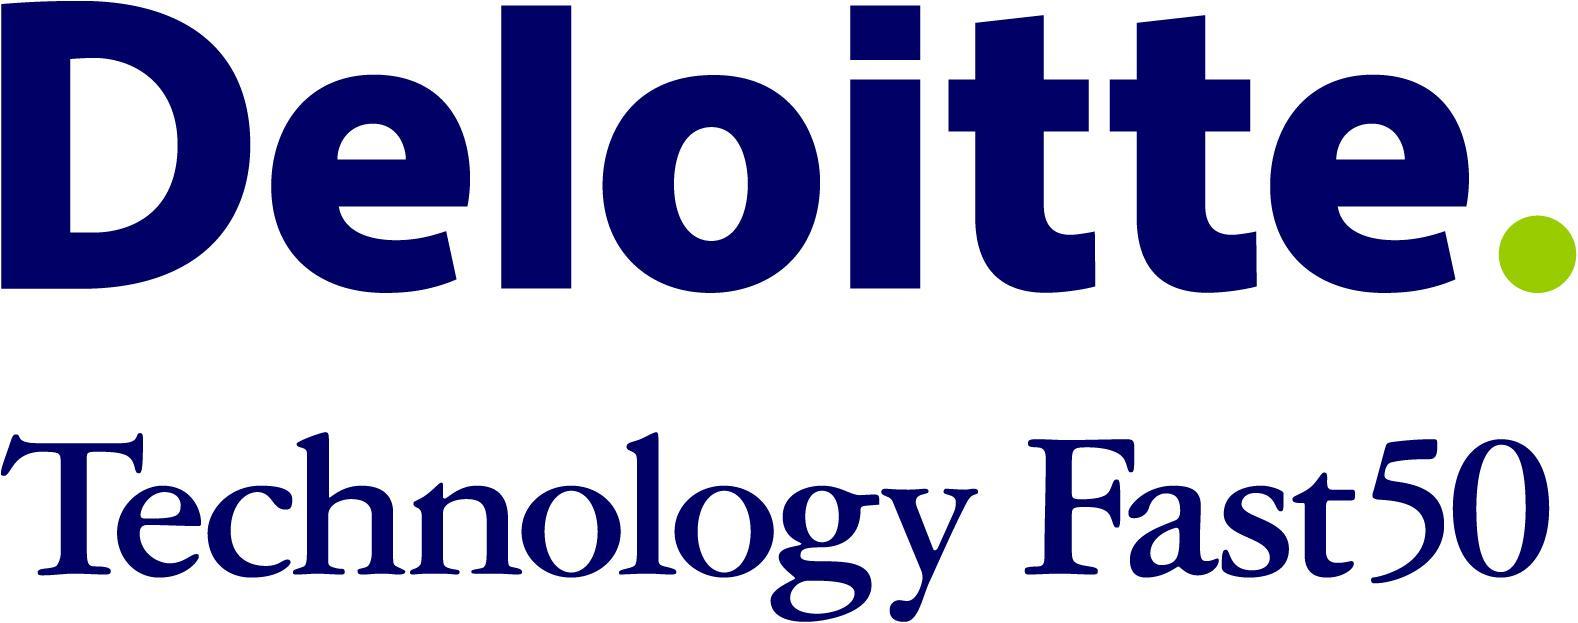 Auch im Jahr 2012 ist YourSurprise.com für Deloitte Technology Fast50 nominiert